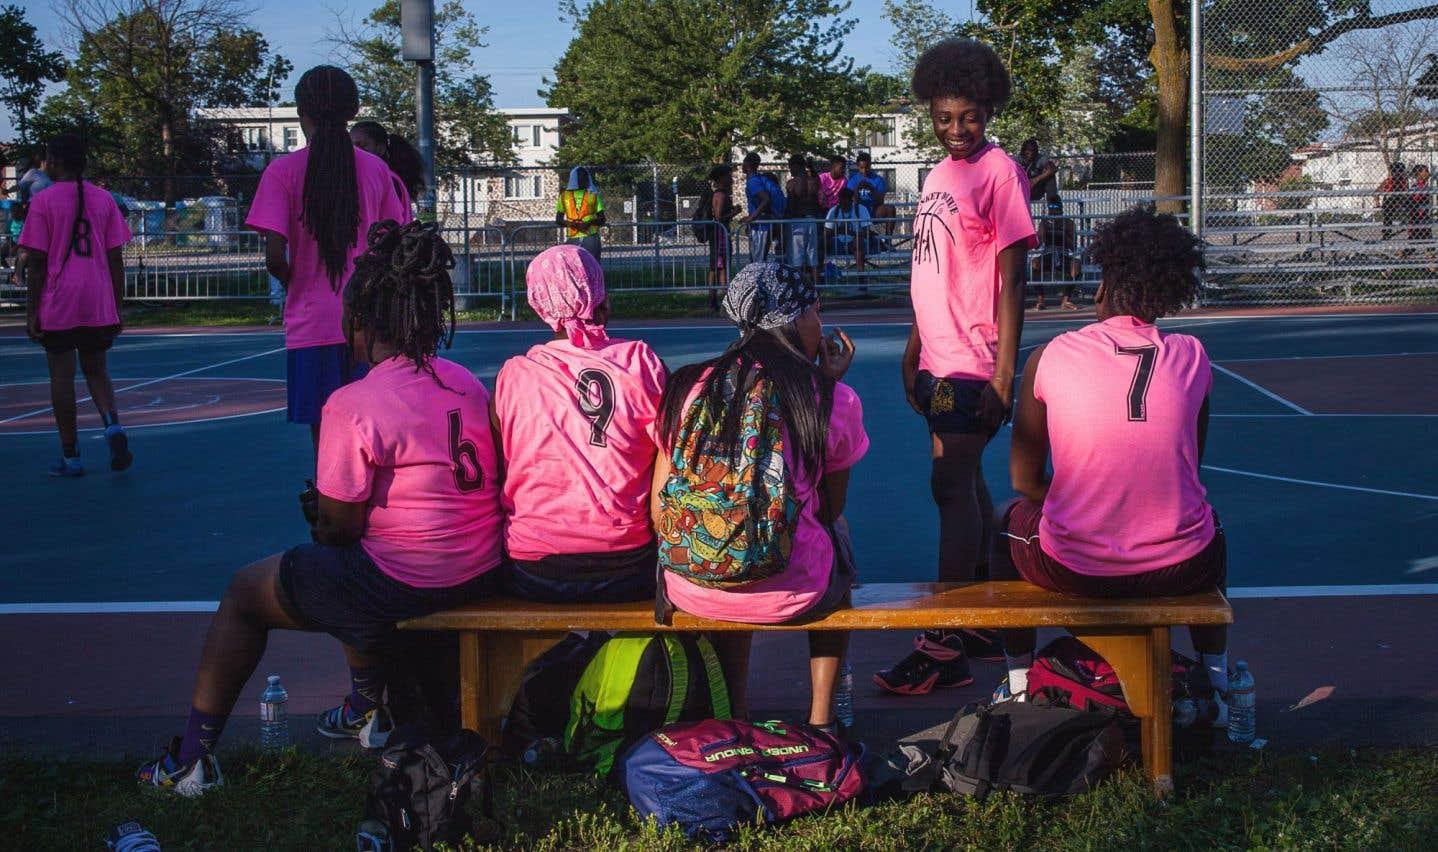 «Les jeunes doivent créer eux-mêmes leurs équipes, s'entraîner, et ce sont aussi eux qui organisent et cherchent les commandites», explique Misla Clerveau.